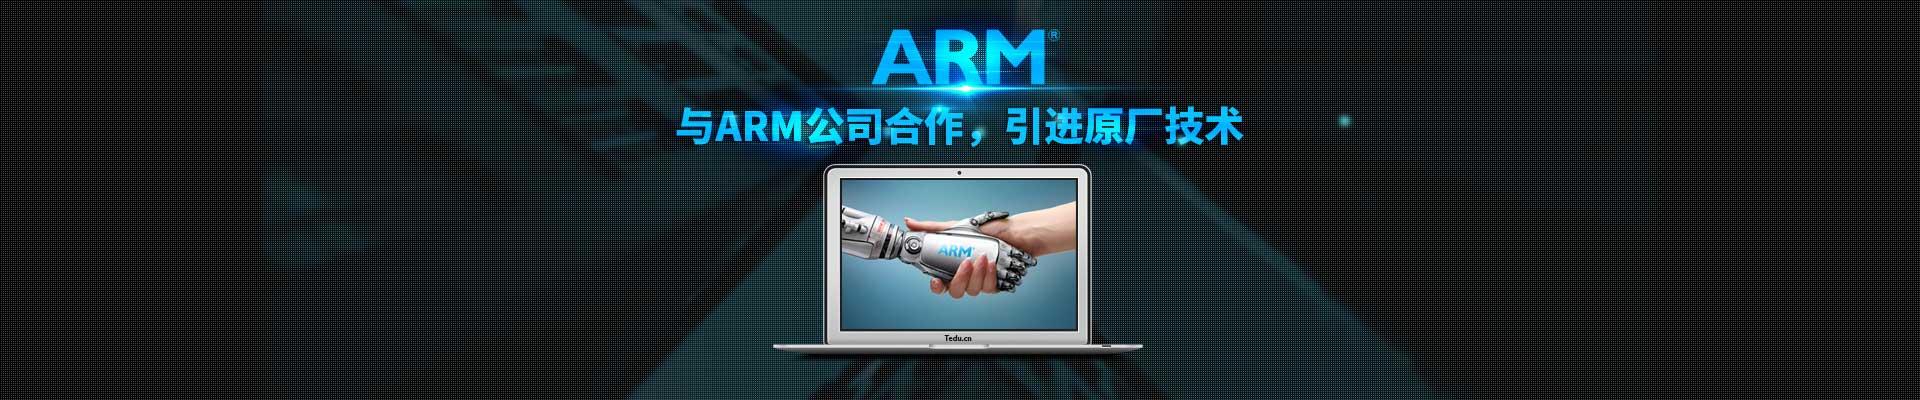 达内培训与ARM公司合作,引进原厂嵌入式开发技术